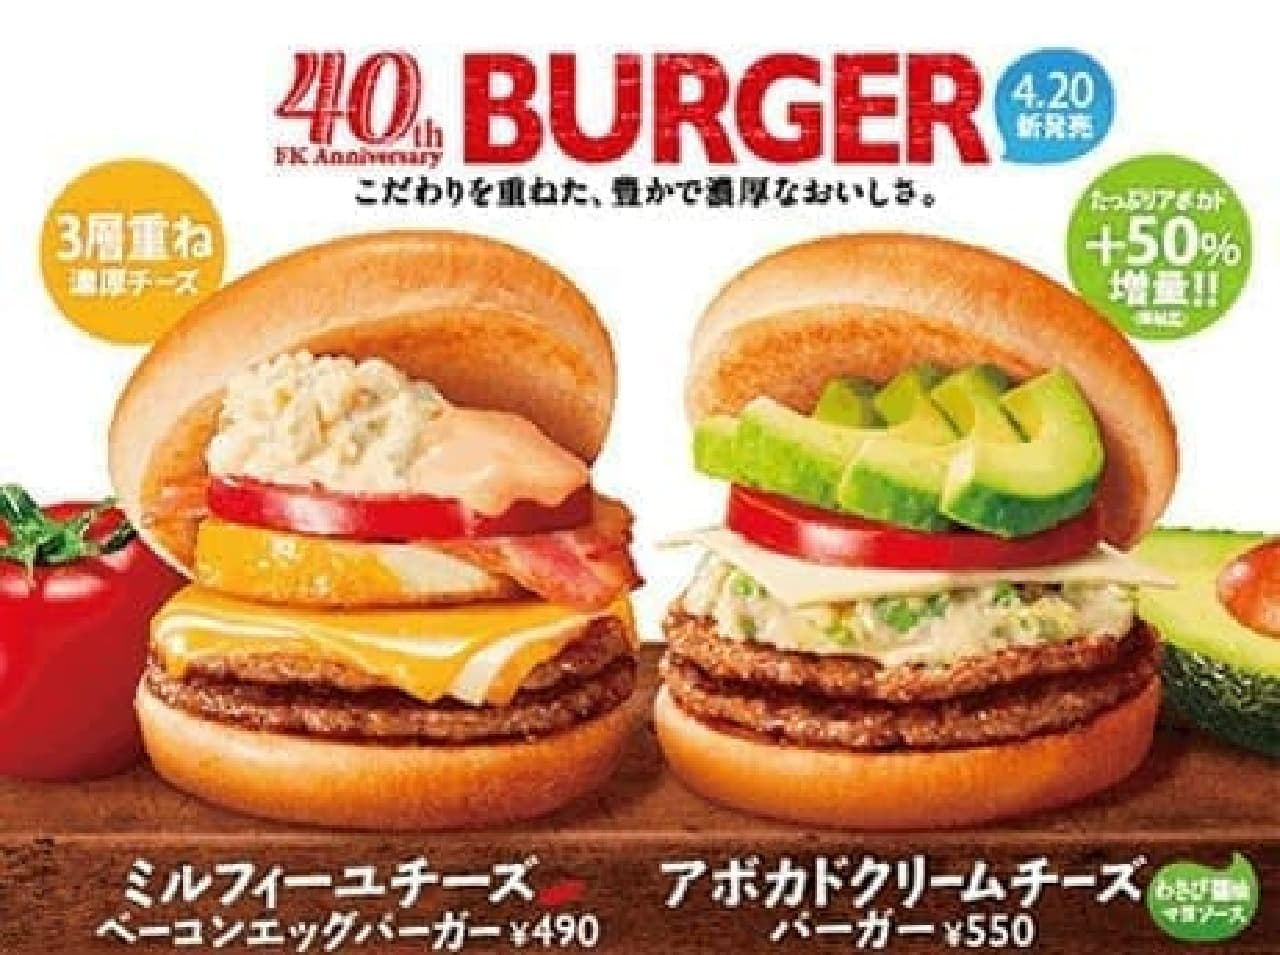 ファーストキッチン「ミルフィーユチーズベーコンエッグバーガー」「アボカドクリームチーズバーガー」